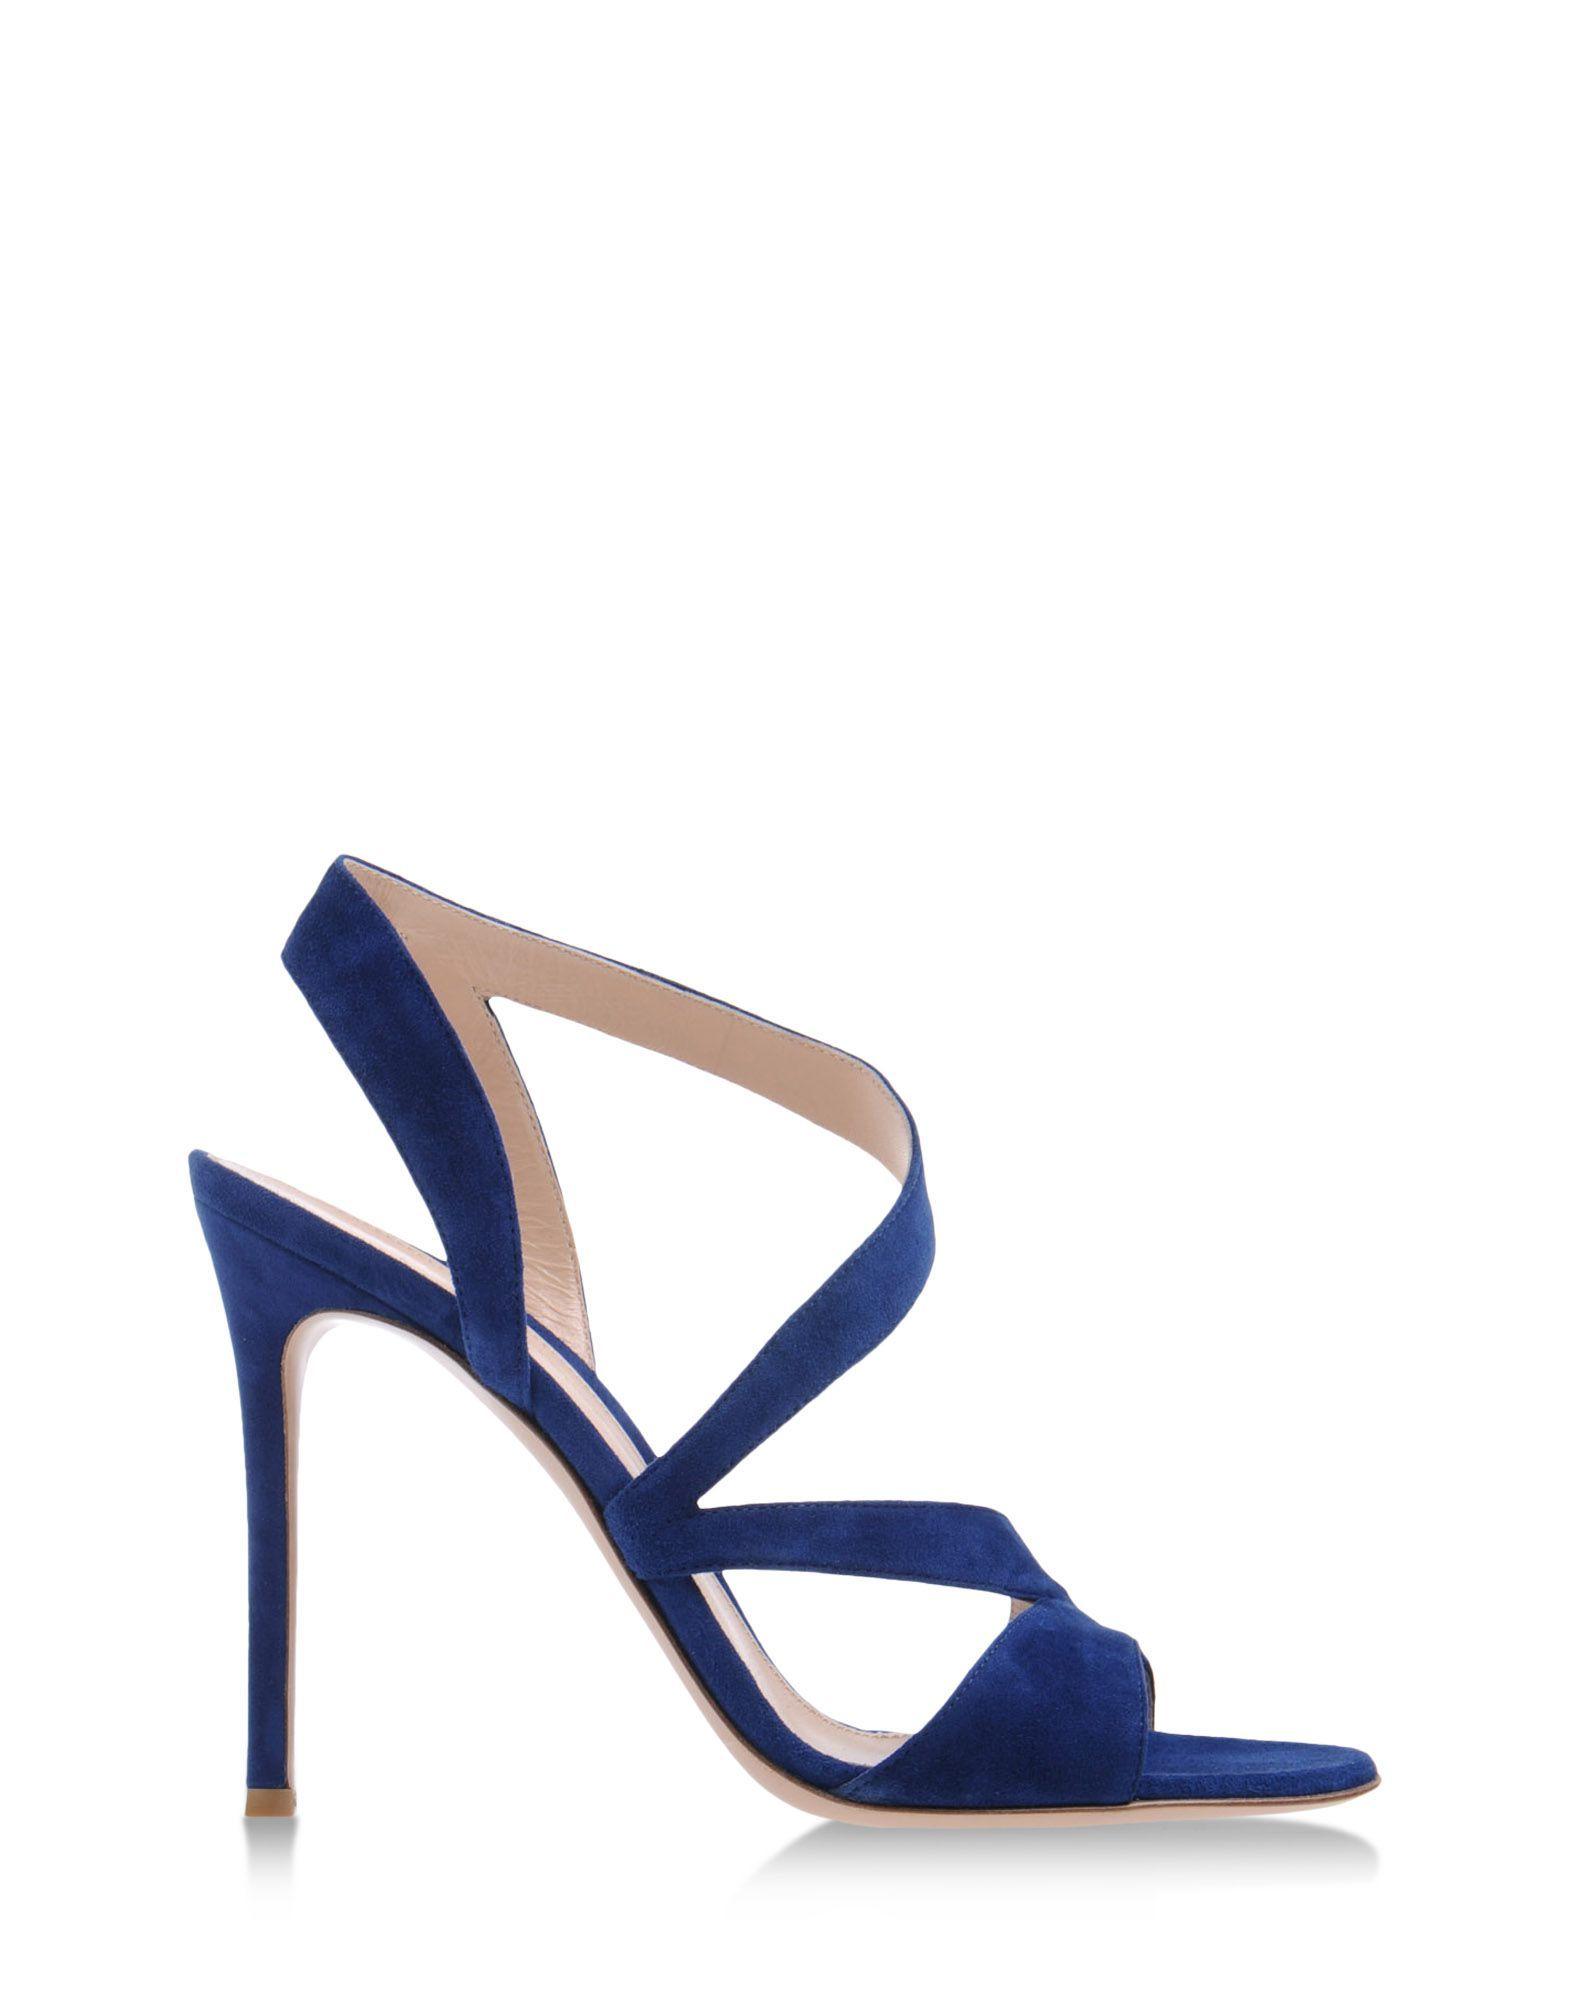 Gianvito Rossi | HarpersBazaar | Ready to shoe | Pinterest | Best ...